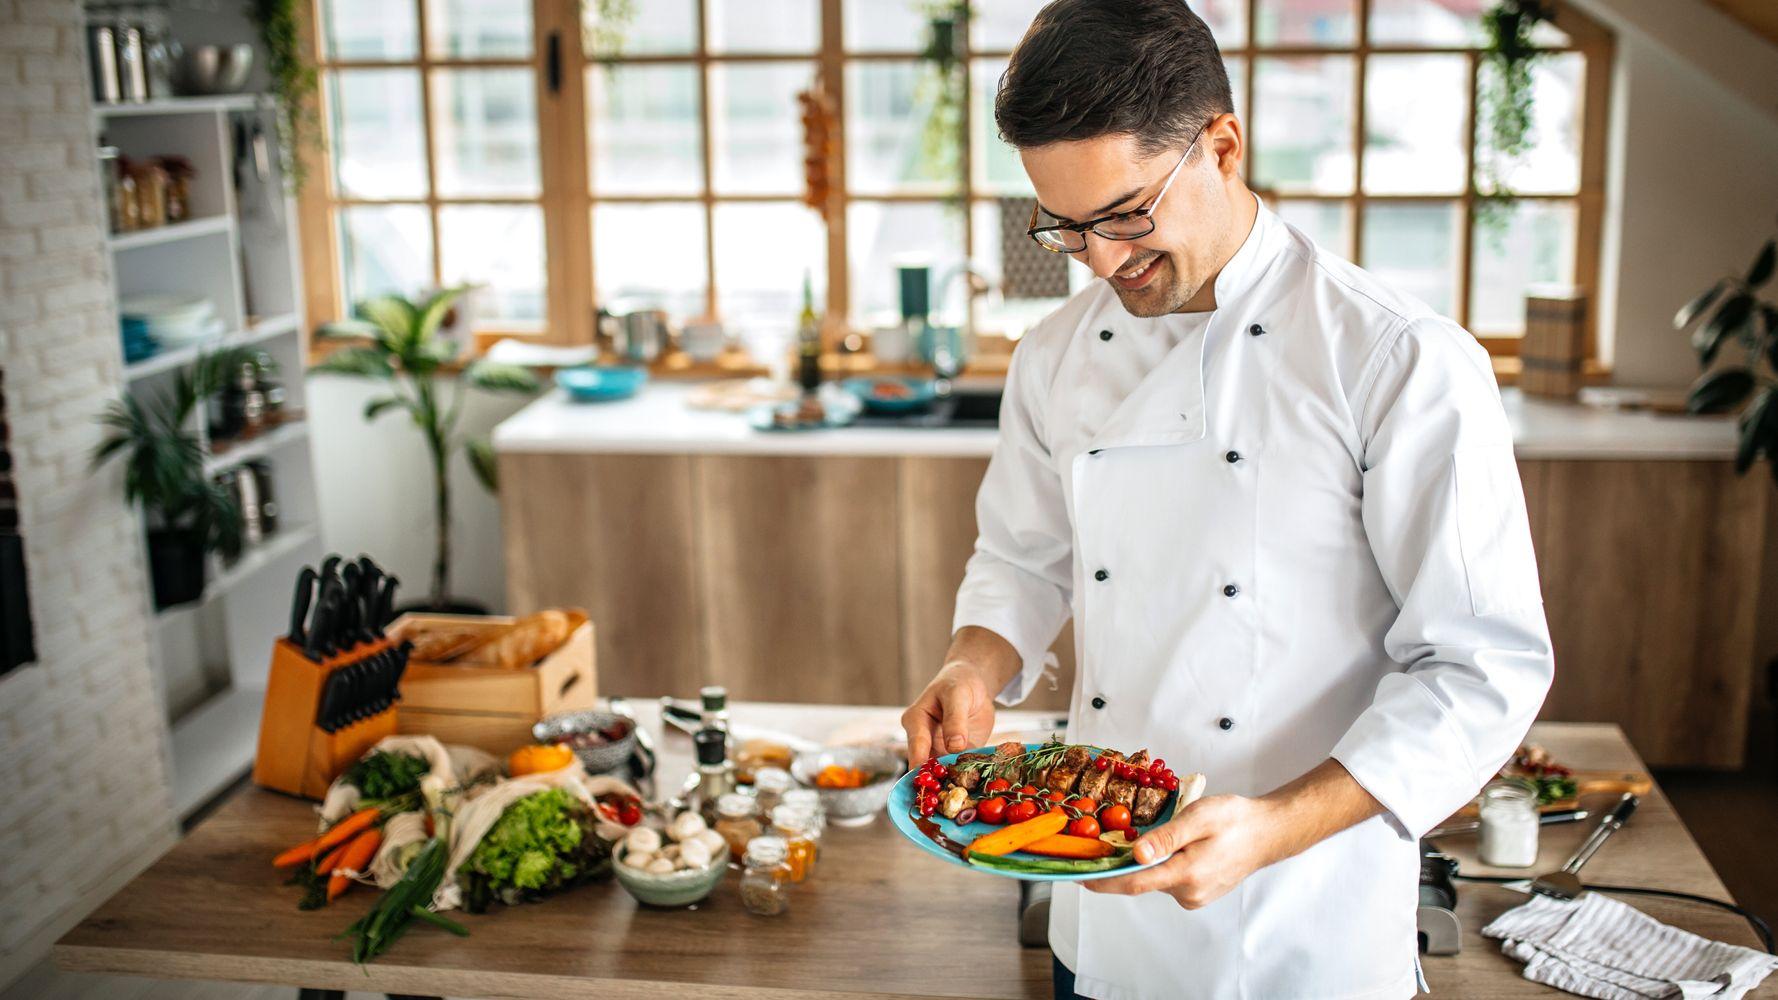 La Cucina Stellata S Impara Da Casa Le Nuove Esperienze Online Di Airbnb Huffpost Italia Life